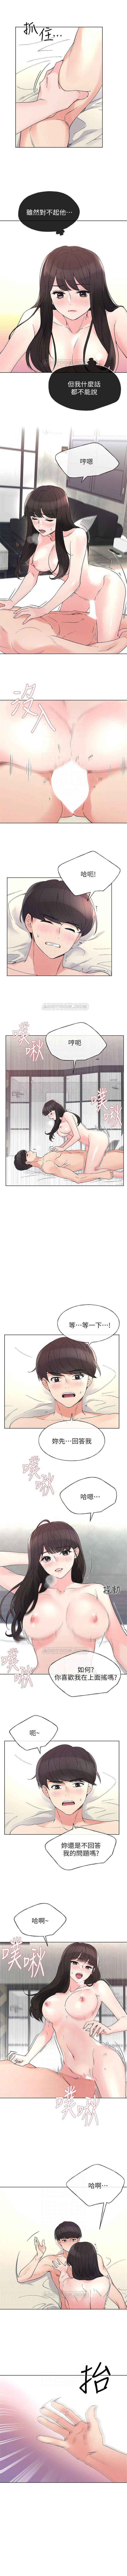 (週5)重考生 1-52 中文翻譯(更新中) 290